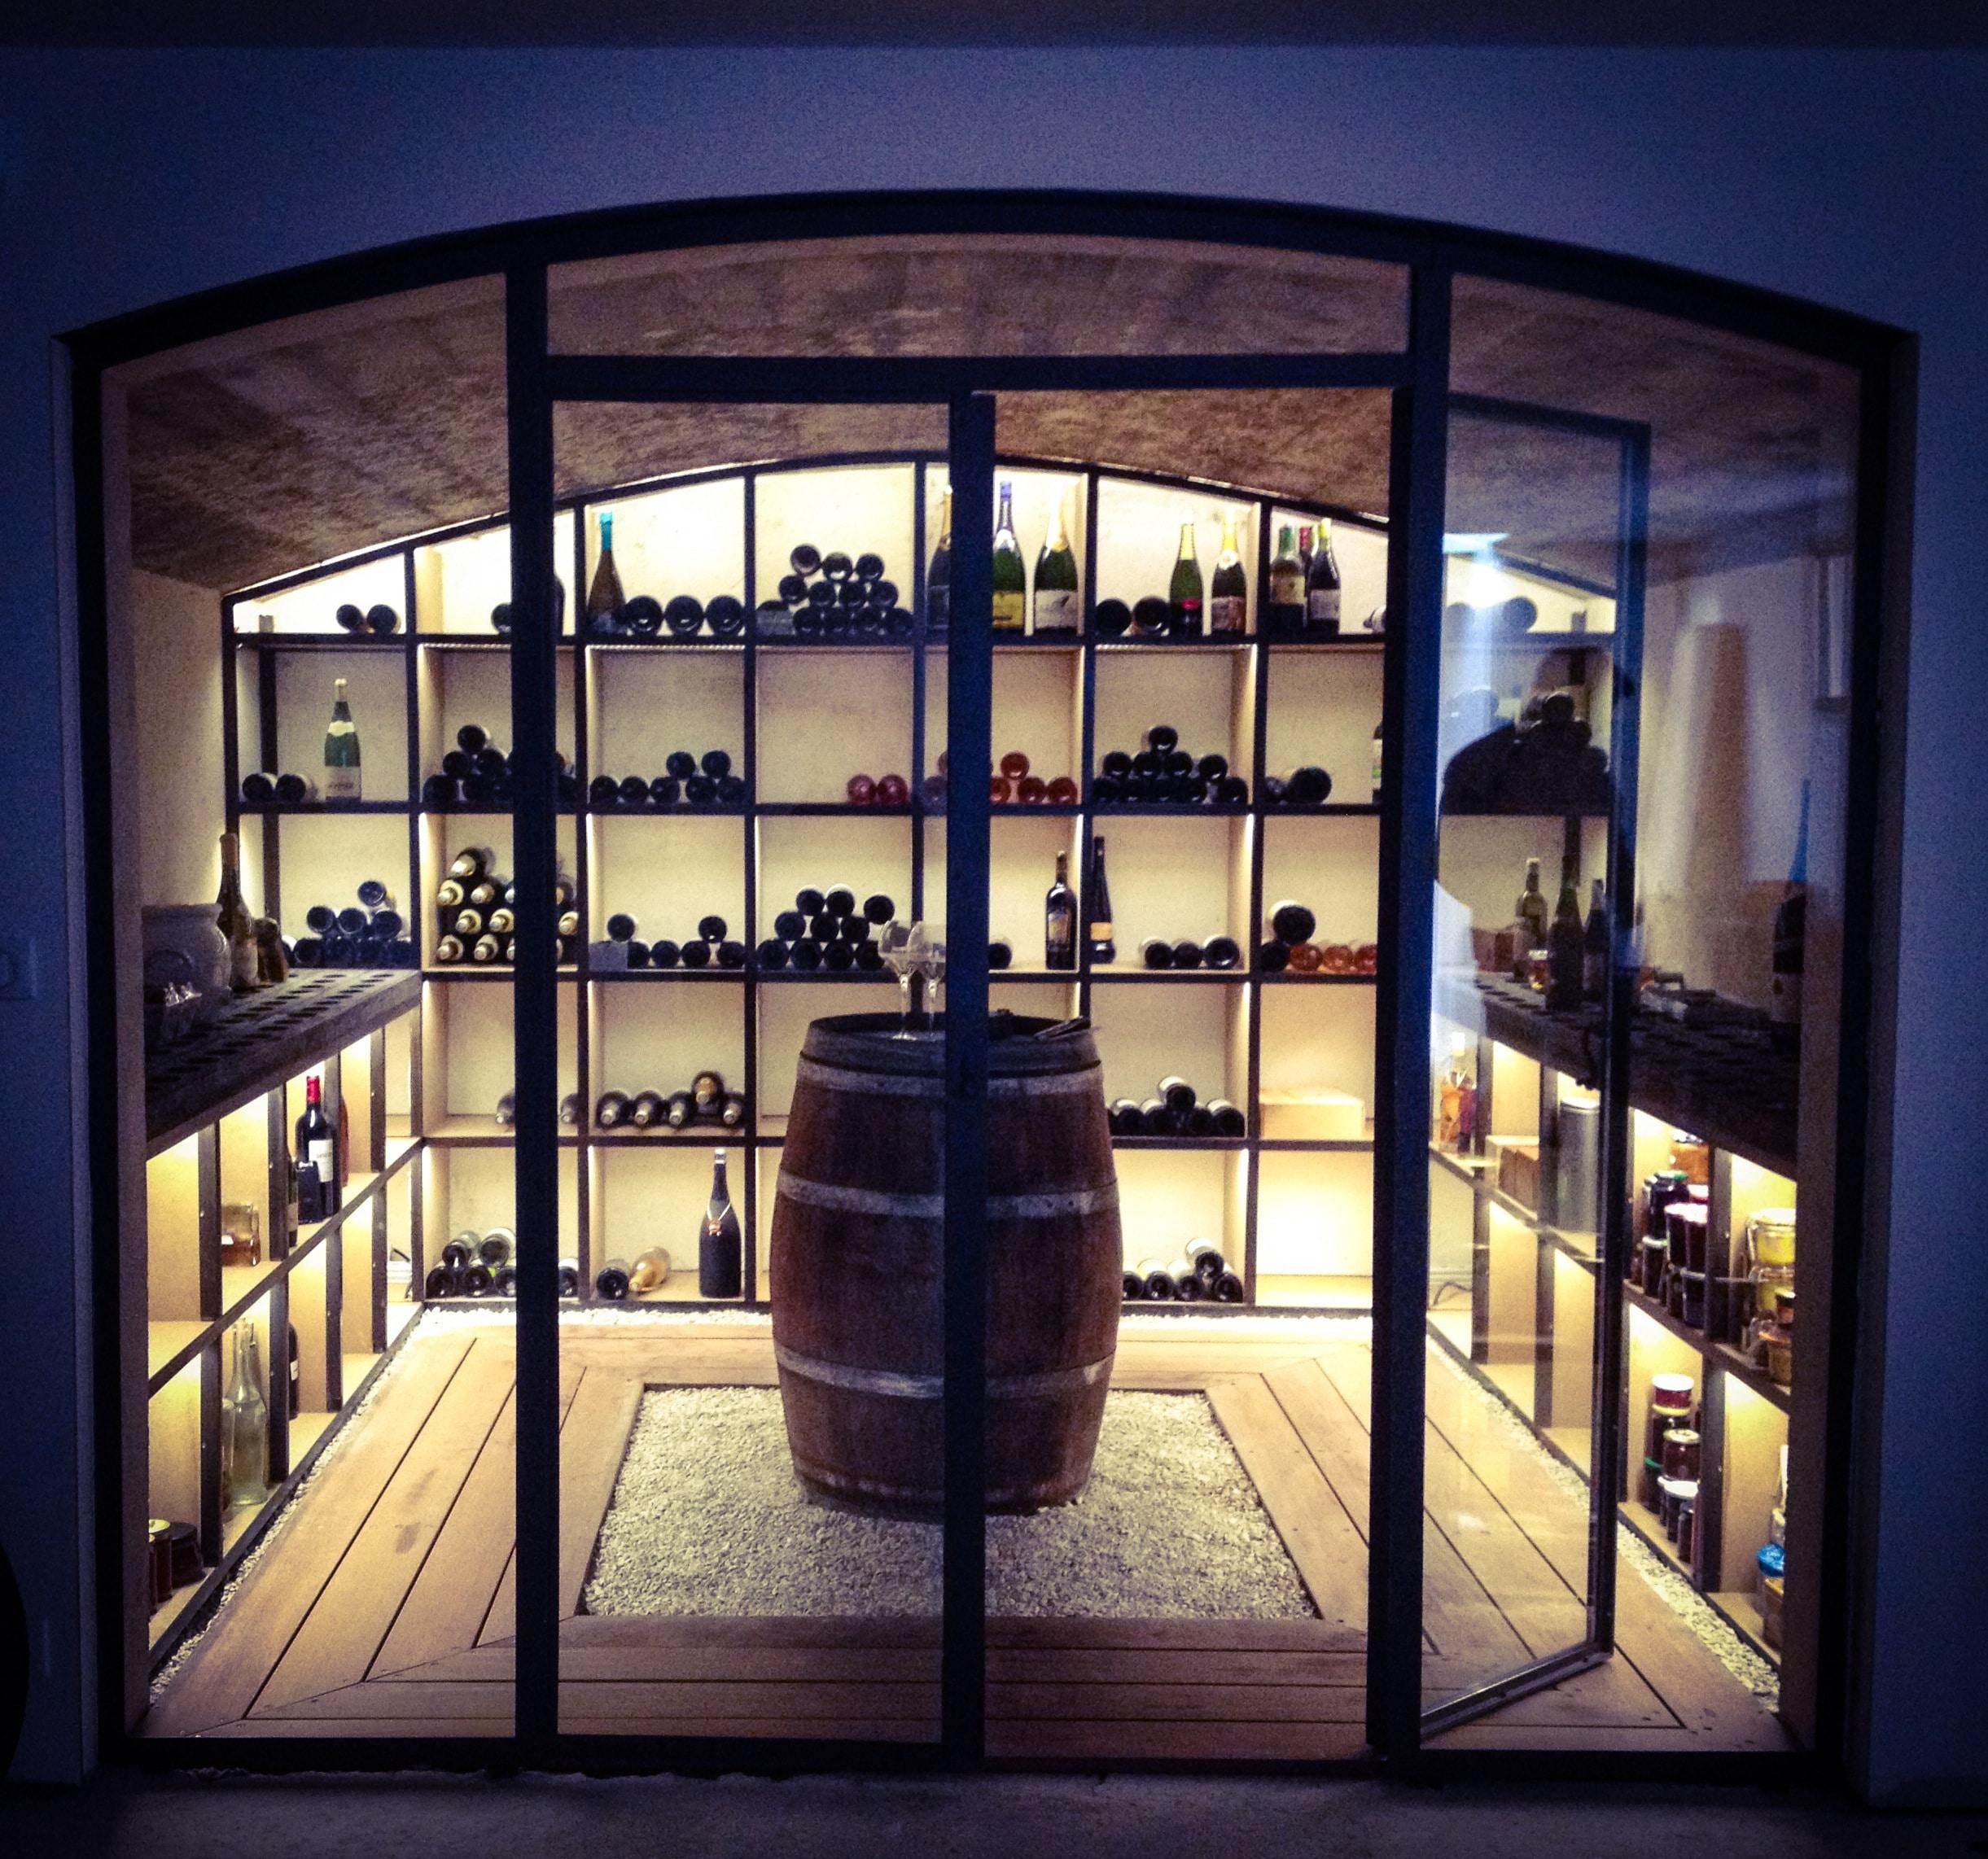 Faites le bon choix pour votre cave vin - Bien choisir sa cave a vin ...